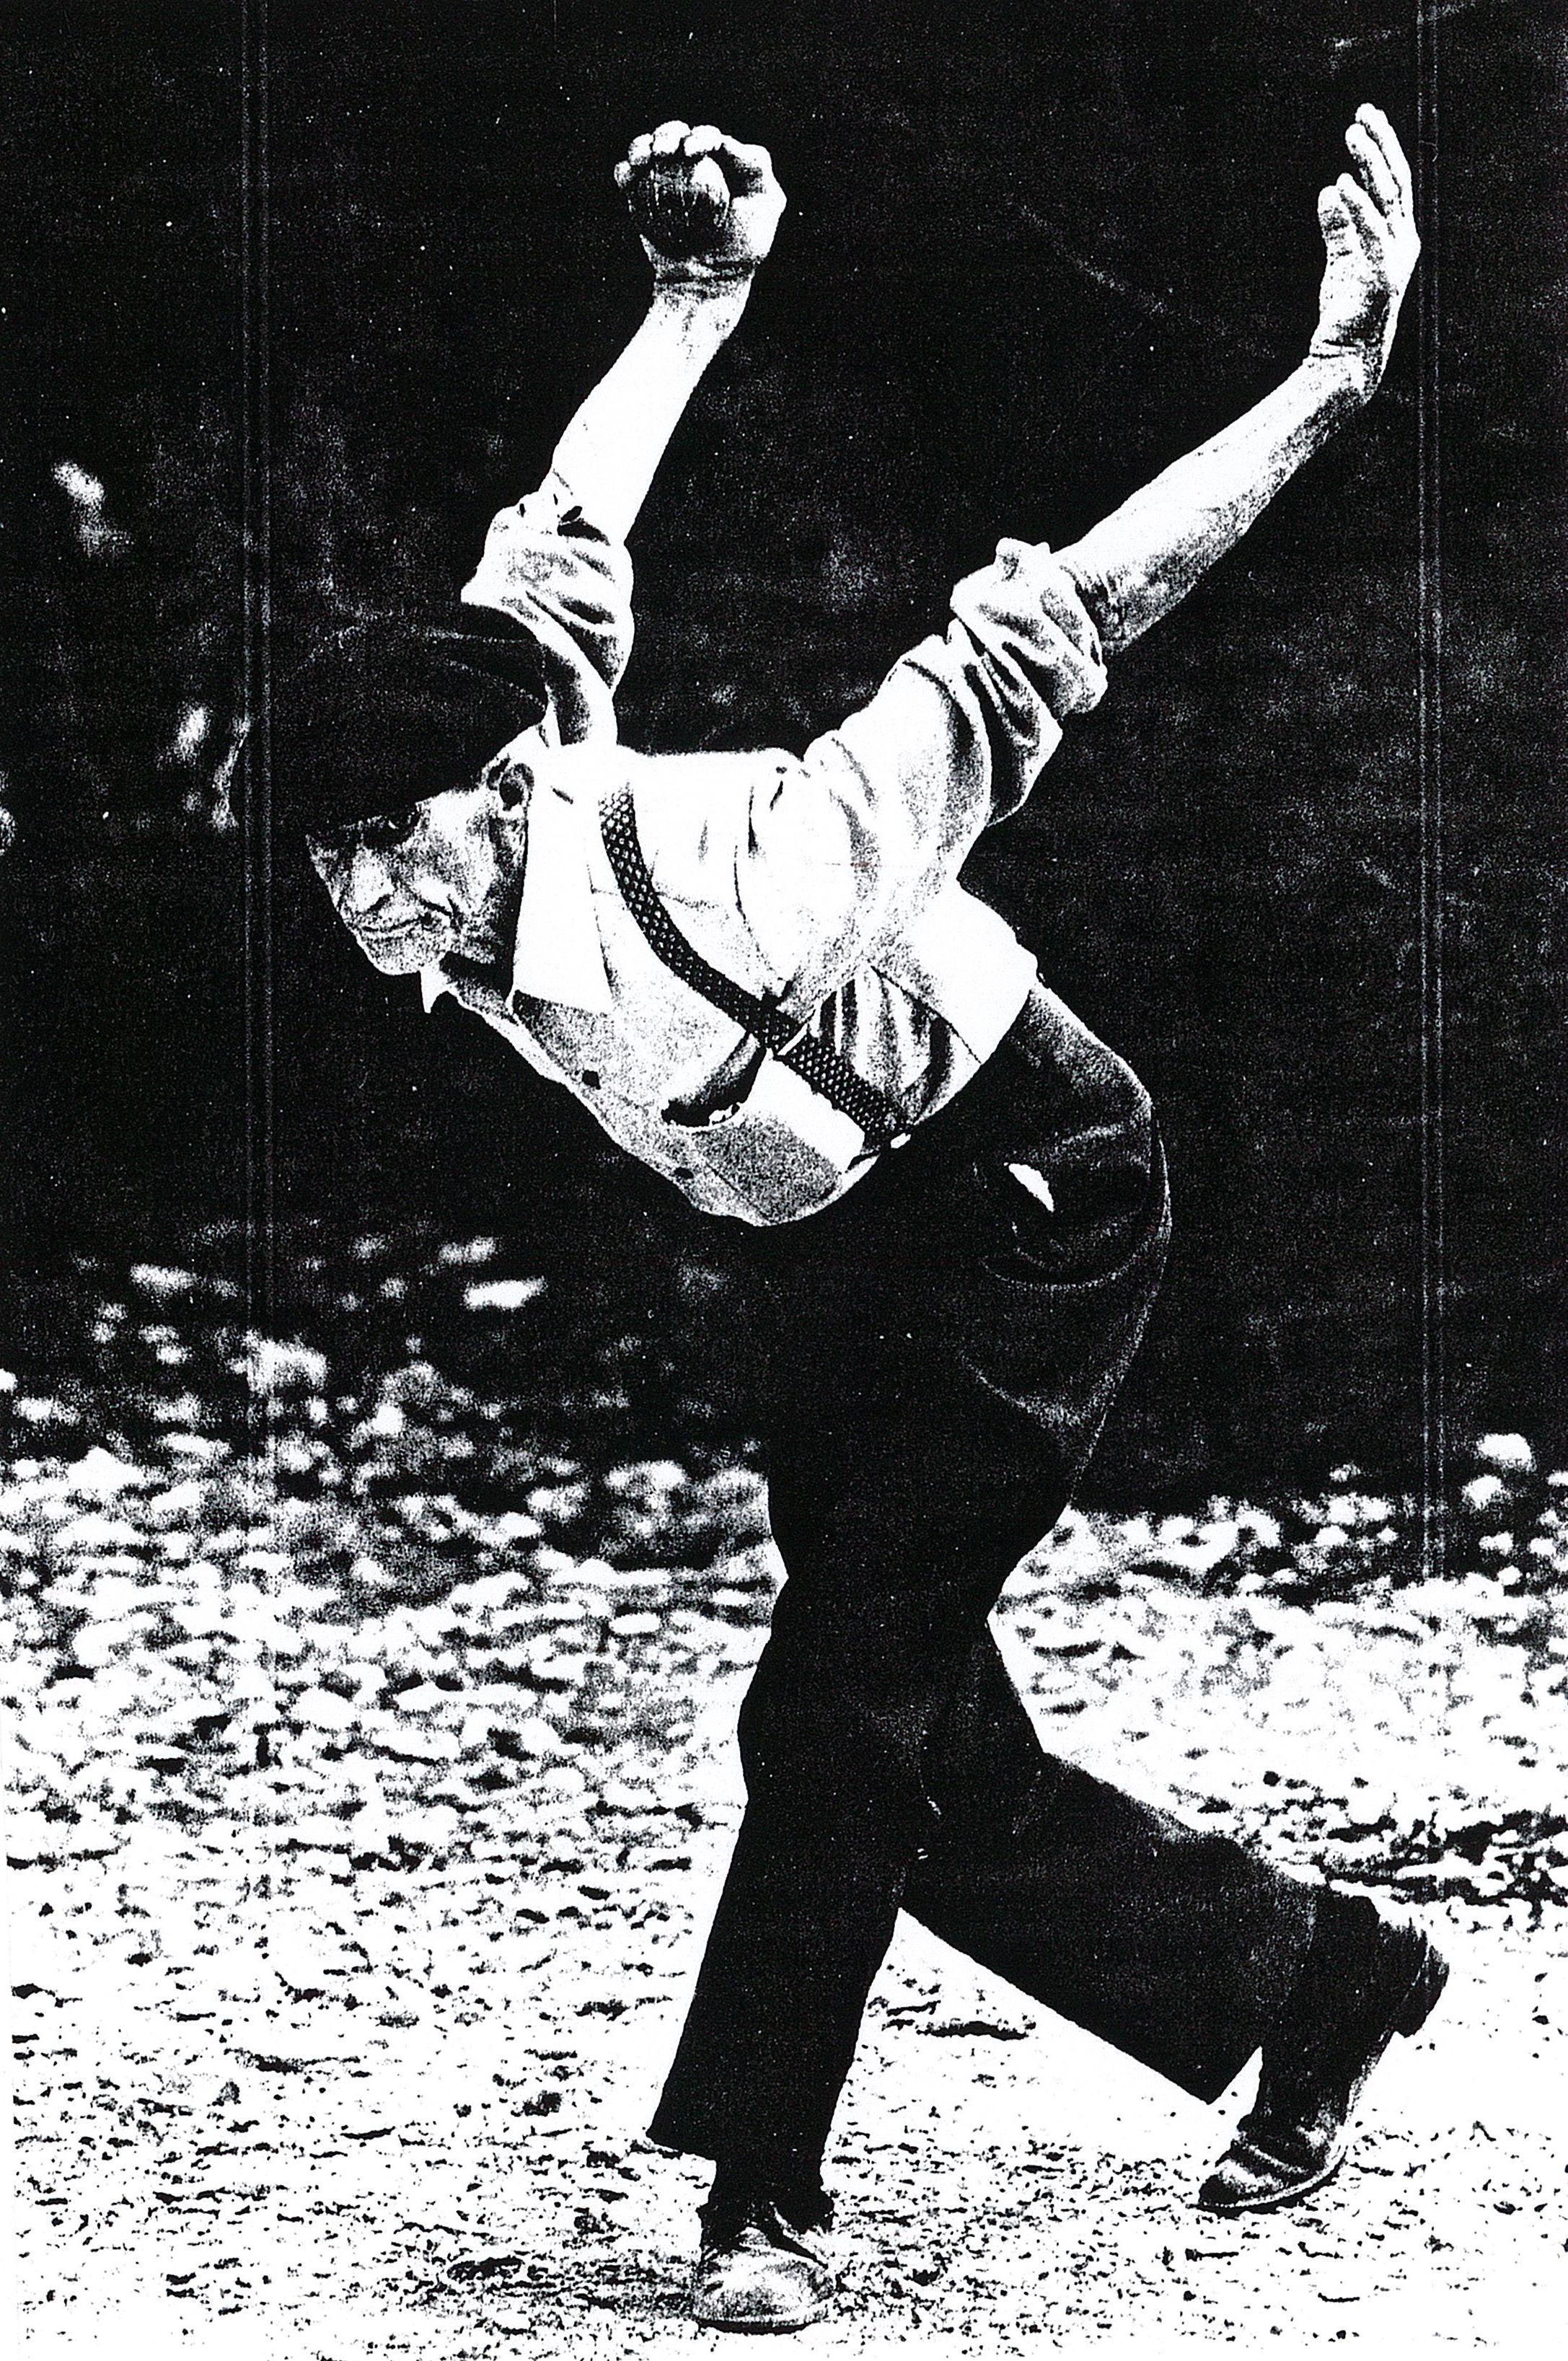 Danzatore 2